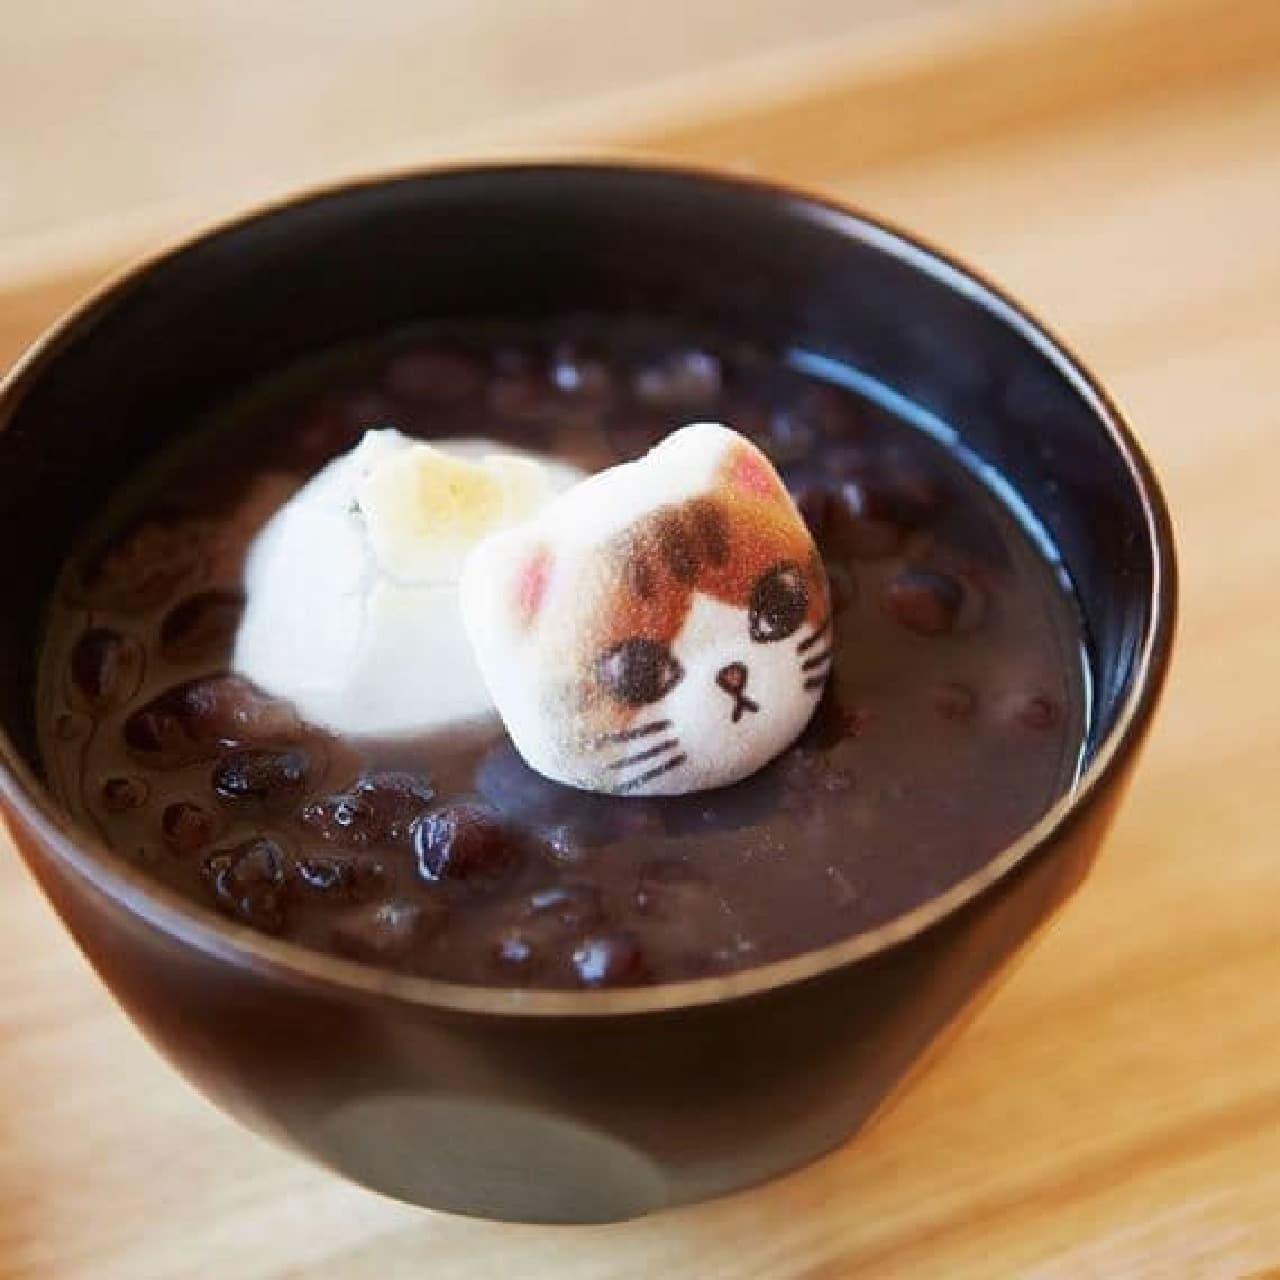 京菓子「ほうずい」の製法を取り入れたニャシュマロ  「ミニ和風ニャシュマロ(猫ほうずい)」